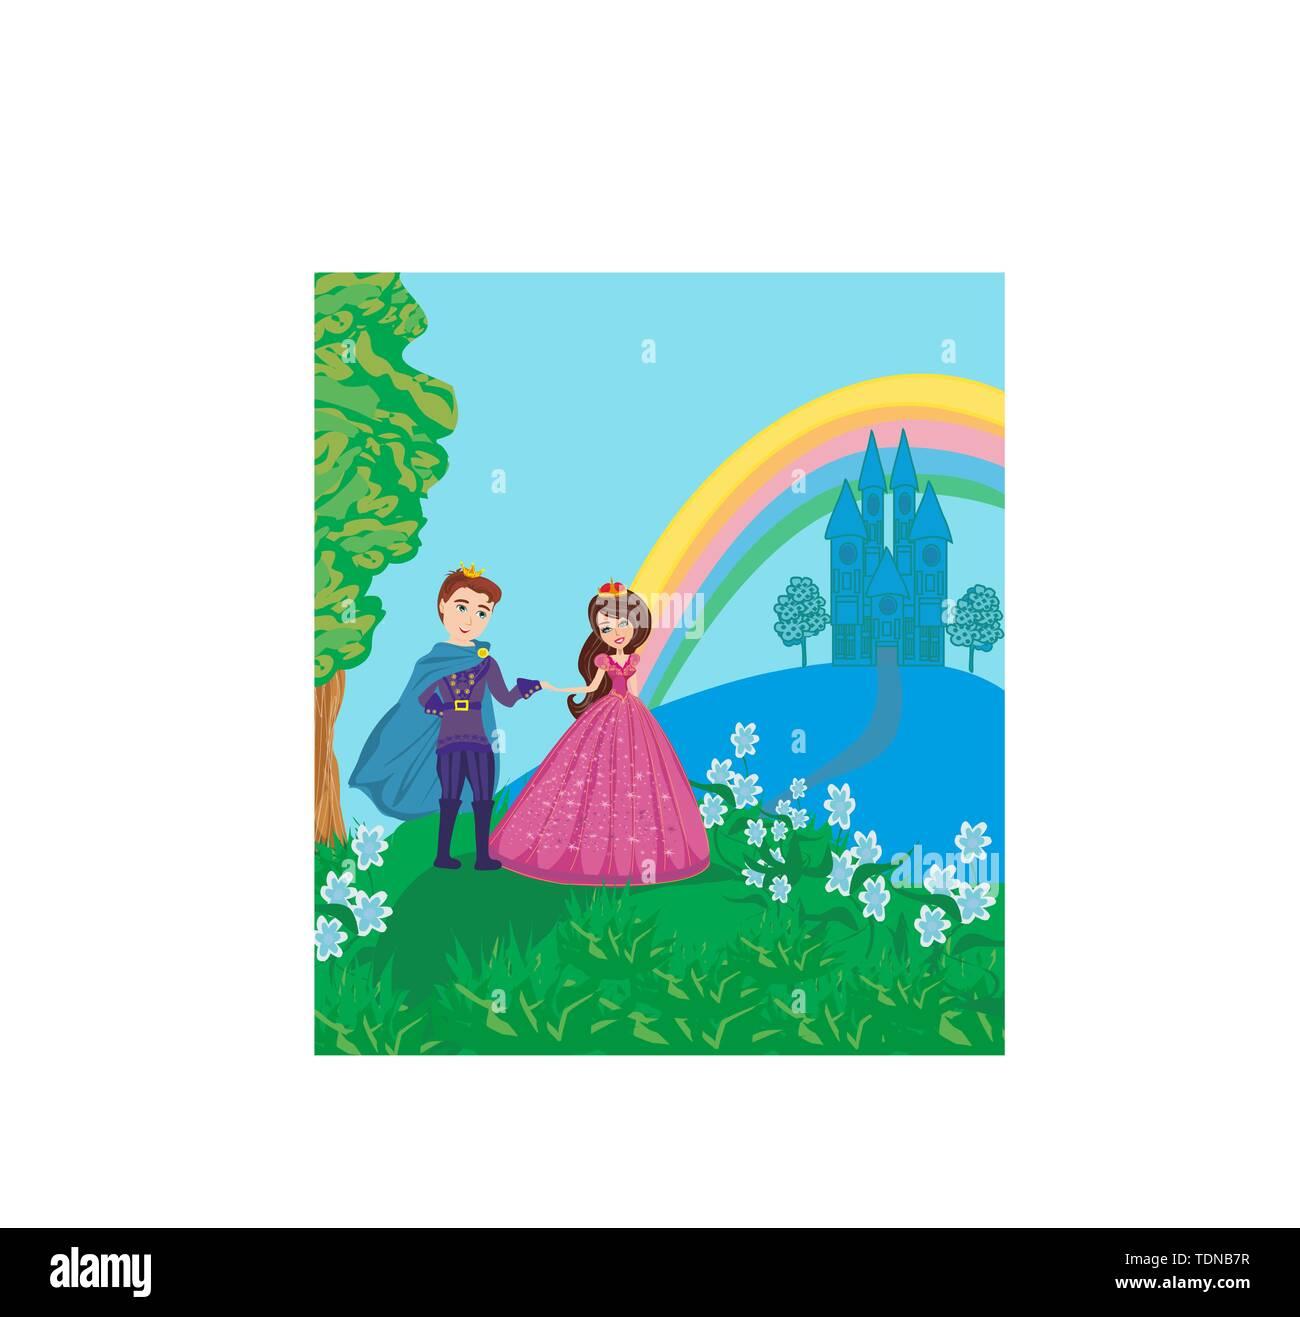 Prinzessin und Prinz in schönem Garten Stockbild